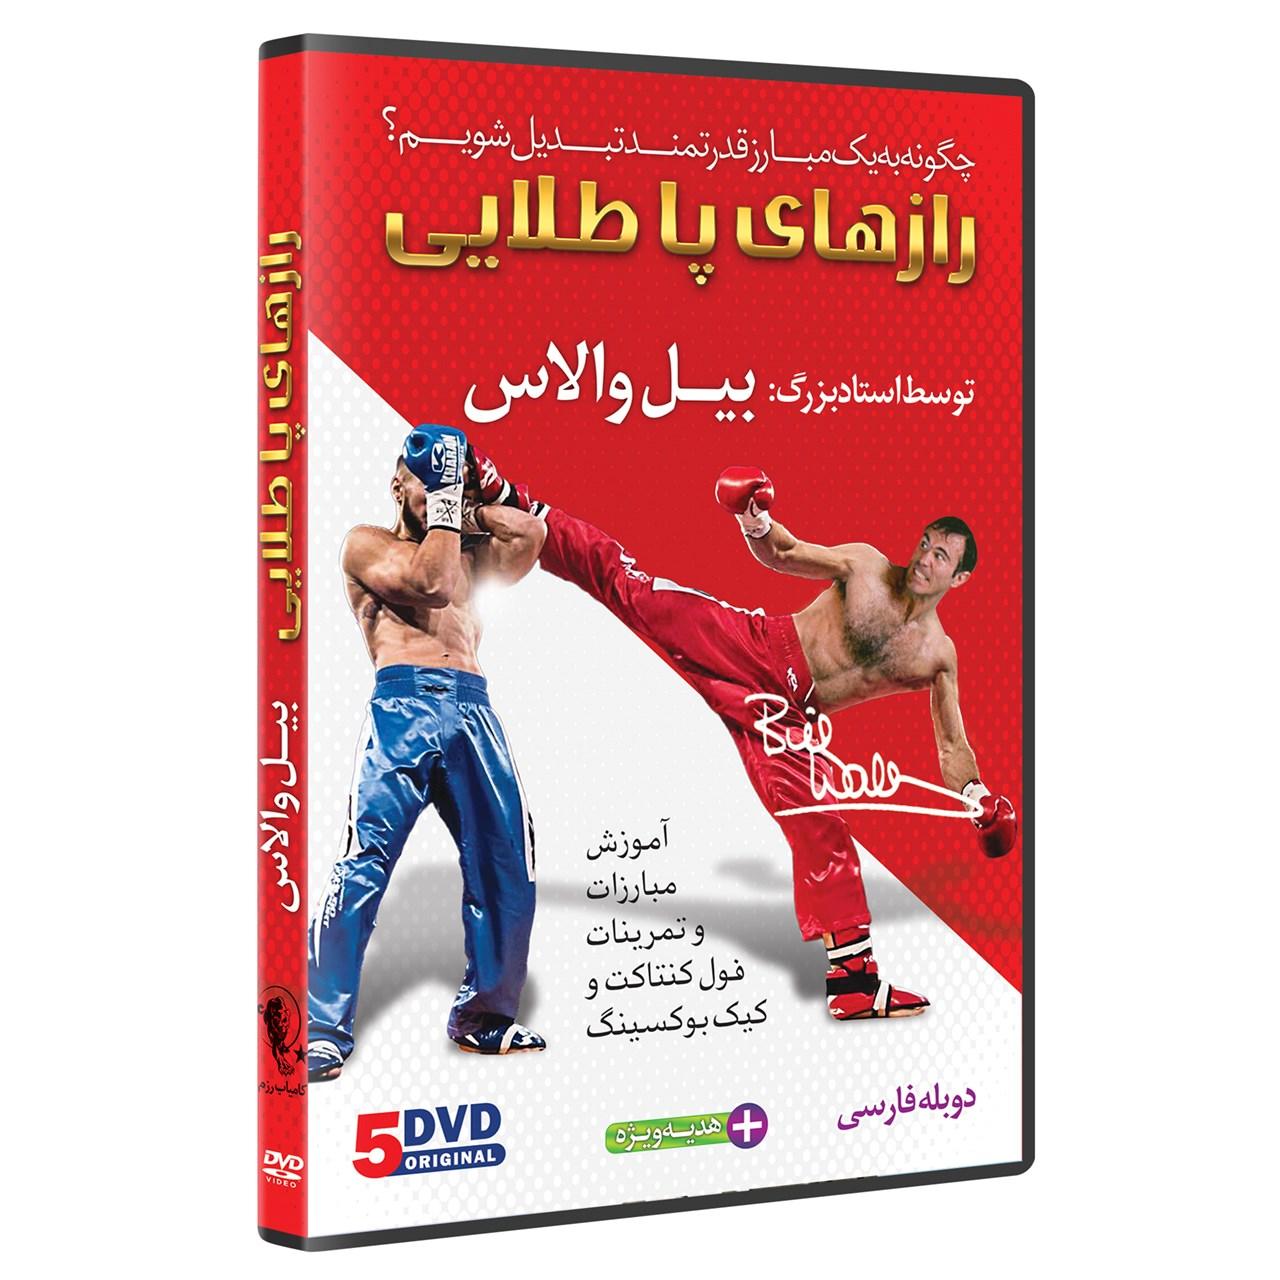 فیلم آموزش فول کنتاک وکیک بوکسینگ5   DVDنشرکامیاب رزم